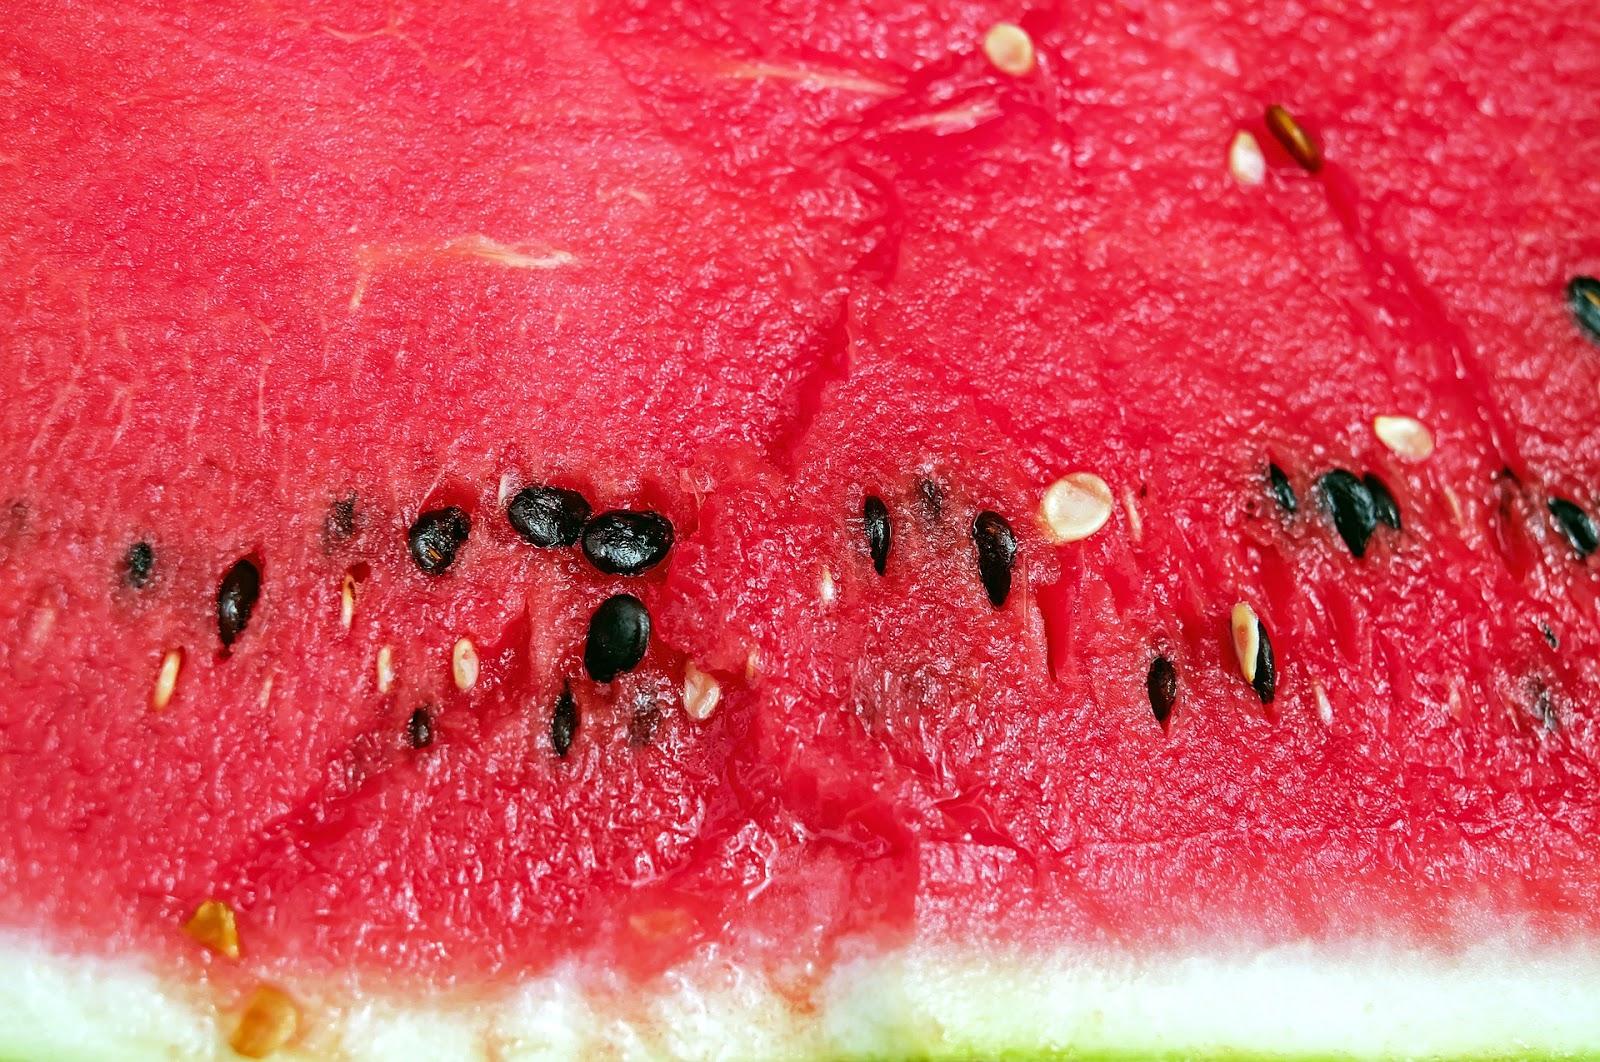 Wie wichtig sind eigentlich Wassermelonenkerne?